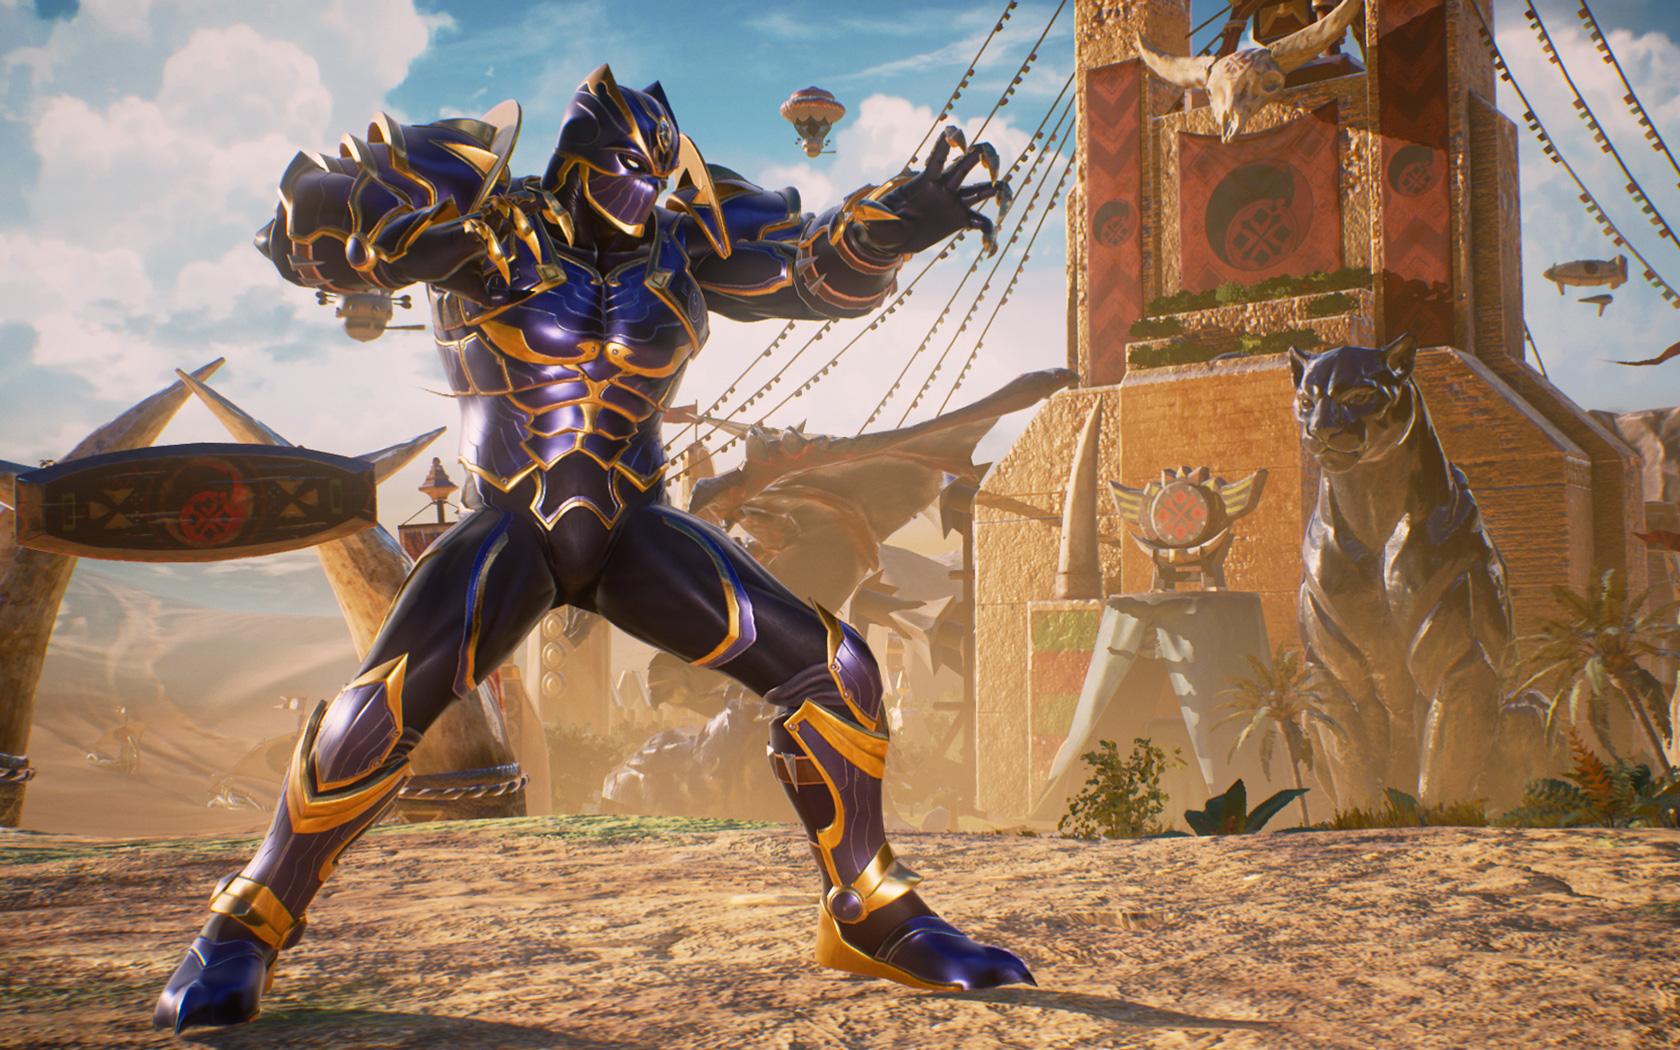 Marvel vs. Capcom: Infinite Wallpaper in 1680x1050